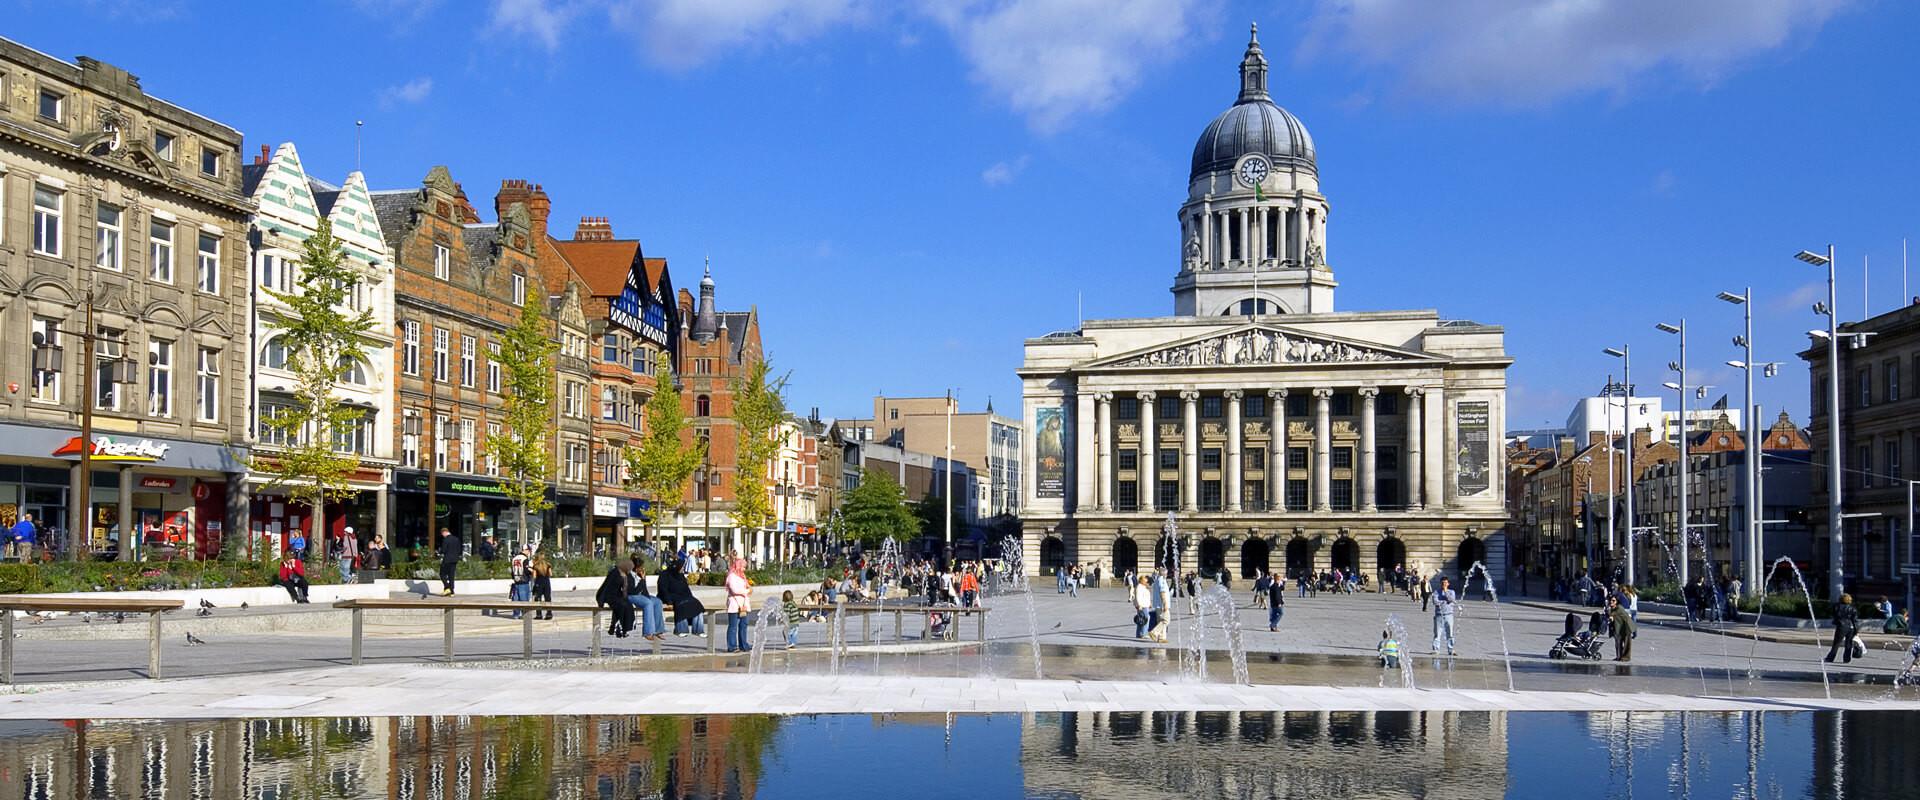 Nottingham Trent University & Nottingham Trent University | Erasmus experience Nottingham